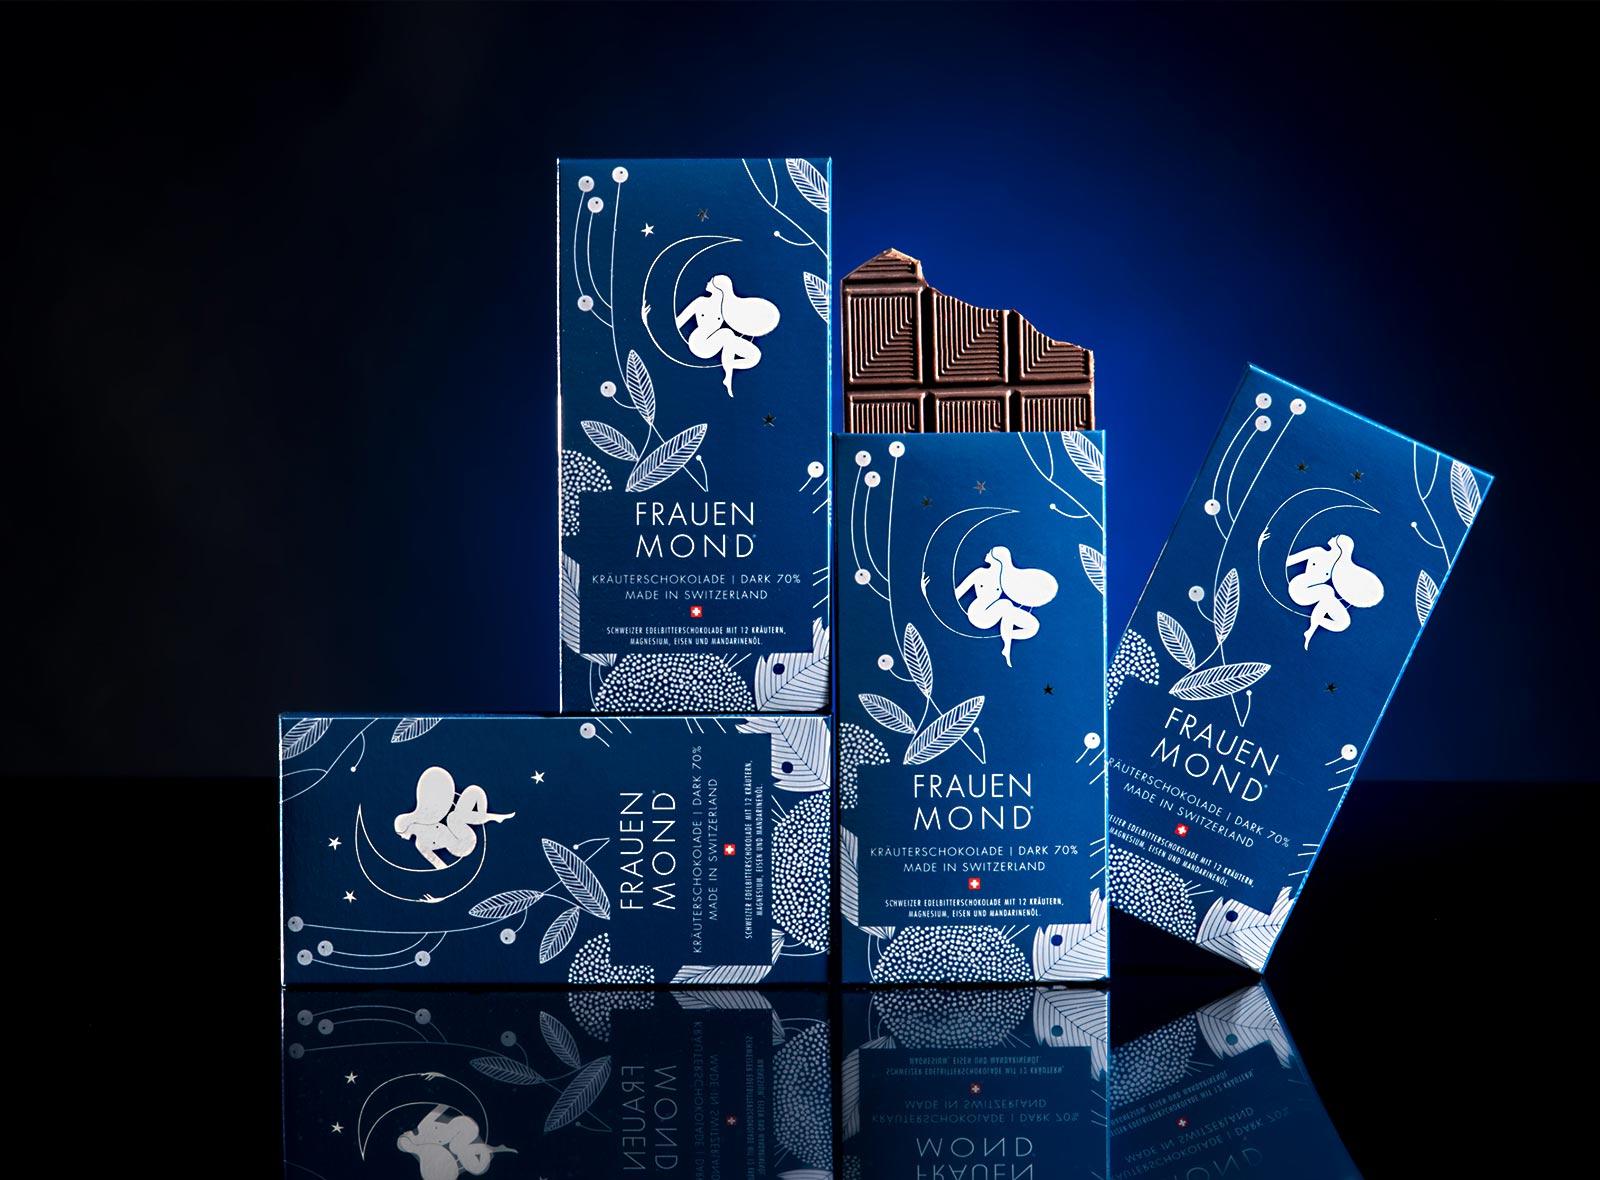 Schokolade für die Frauen, von Chocolate mit Herz